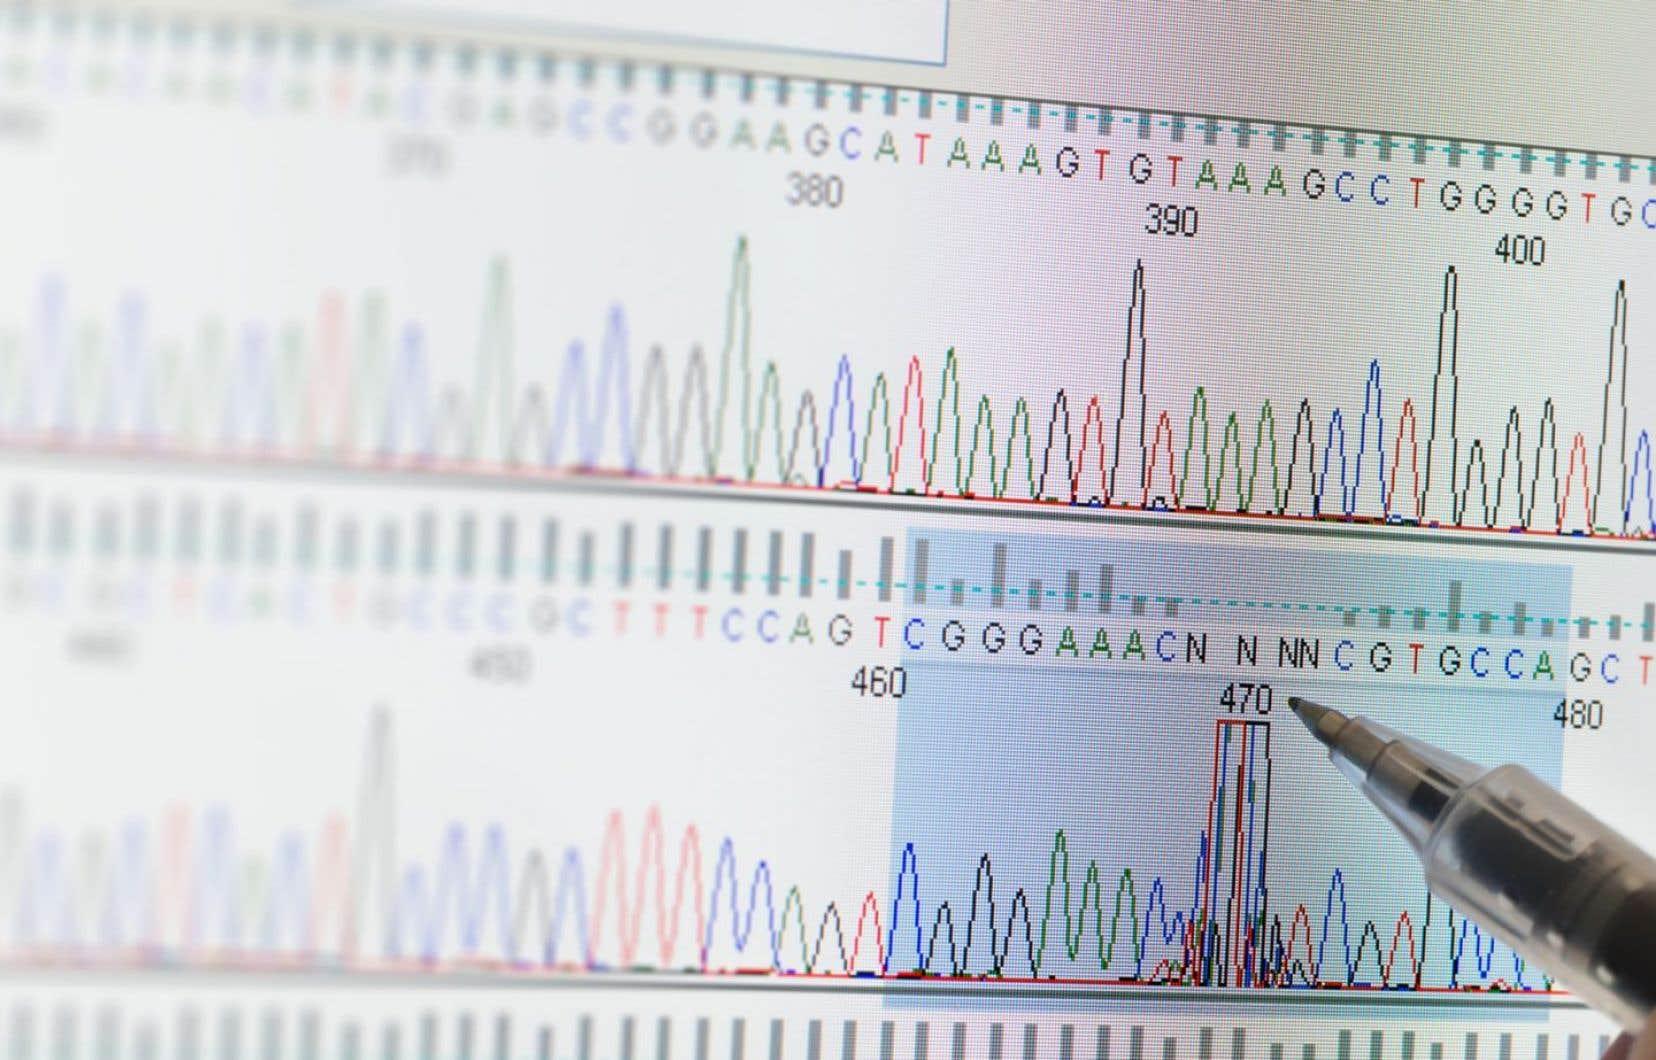 Les tests génétiques ont ceci de particulier qu'ils mesurent non pas une condition, mais une prédisposition qui ne se matérialisera peut-être jamais.